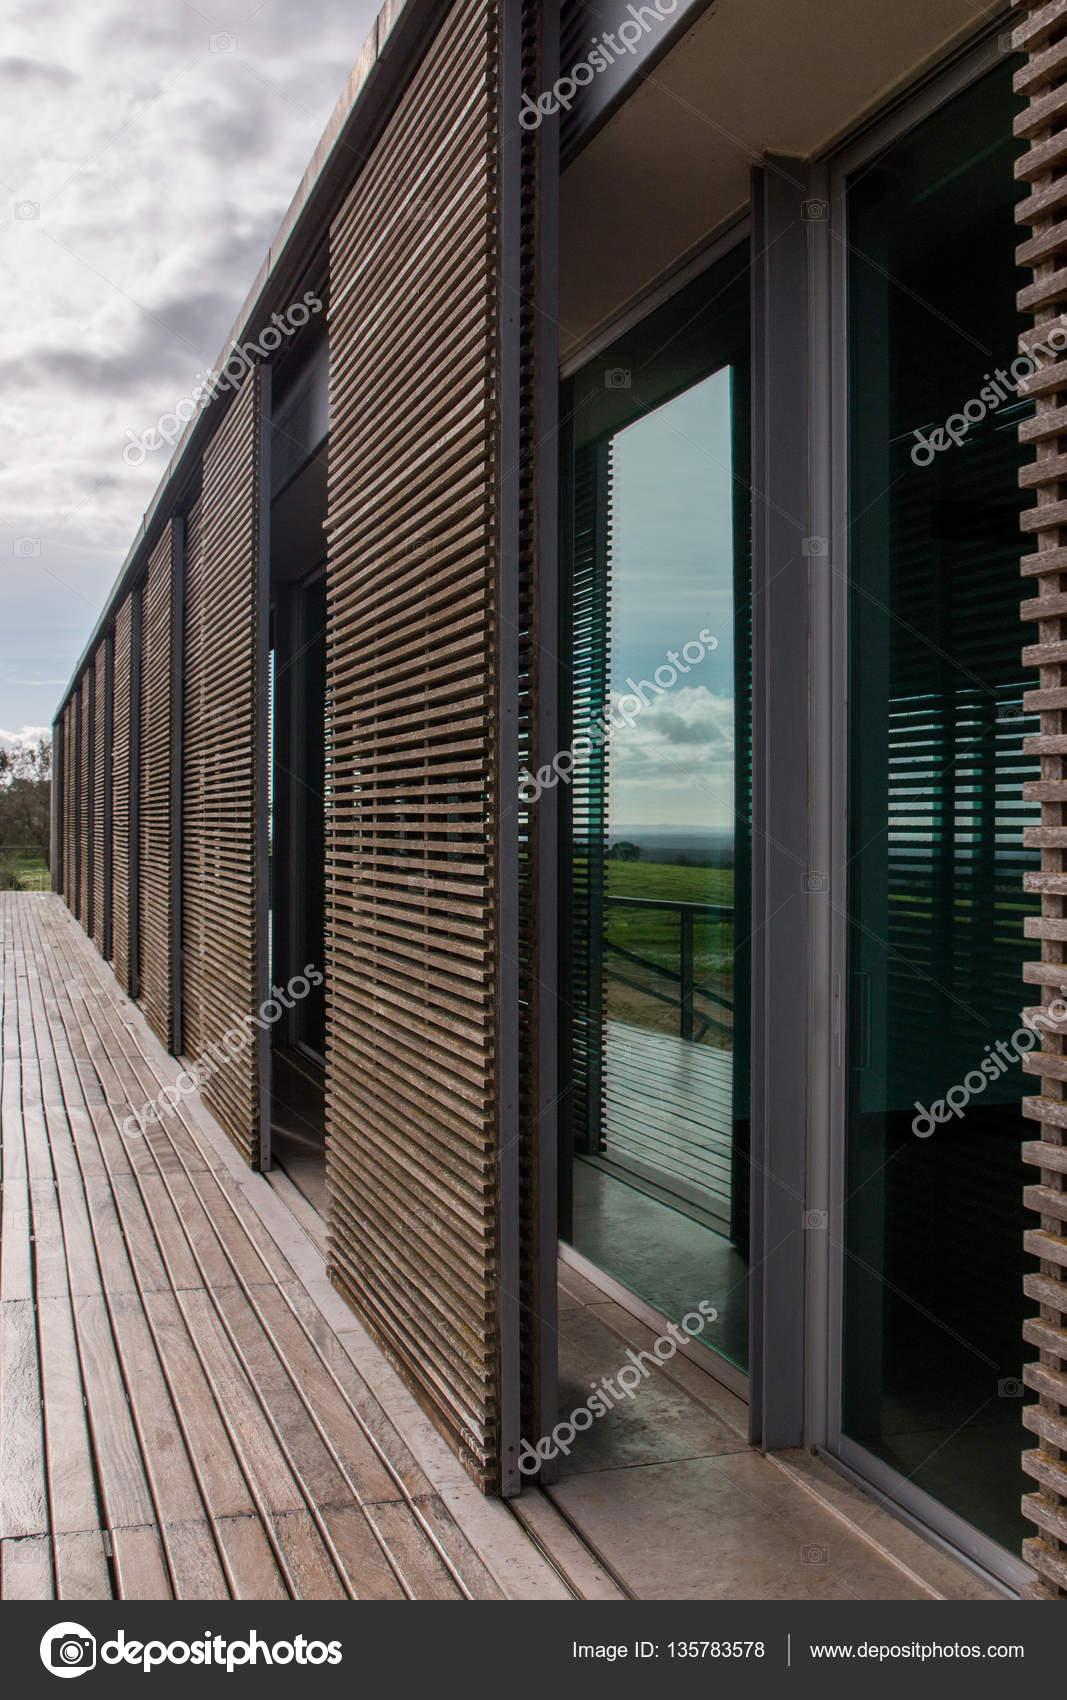 außen Holz Streifen Haus — Stockfoto © membio #135783578